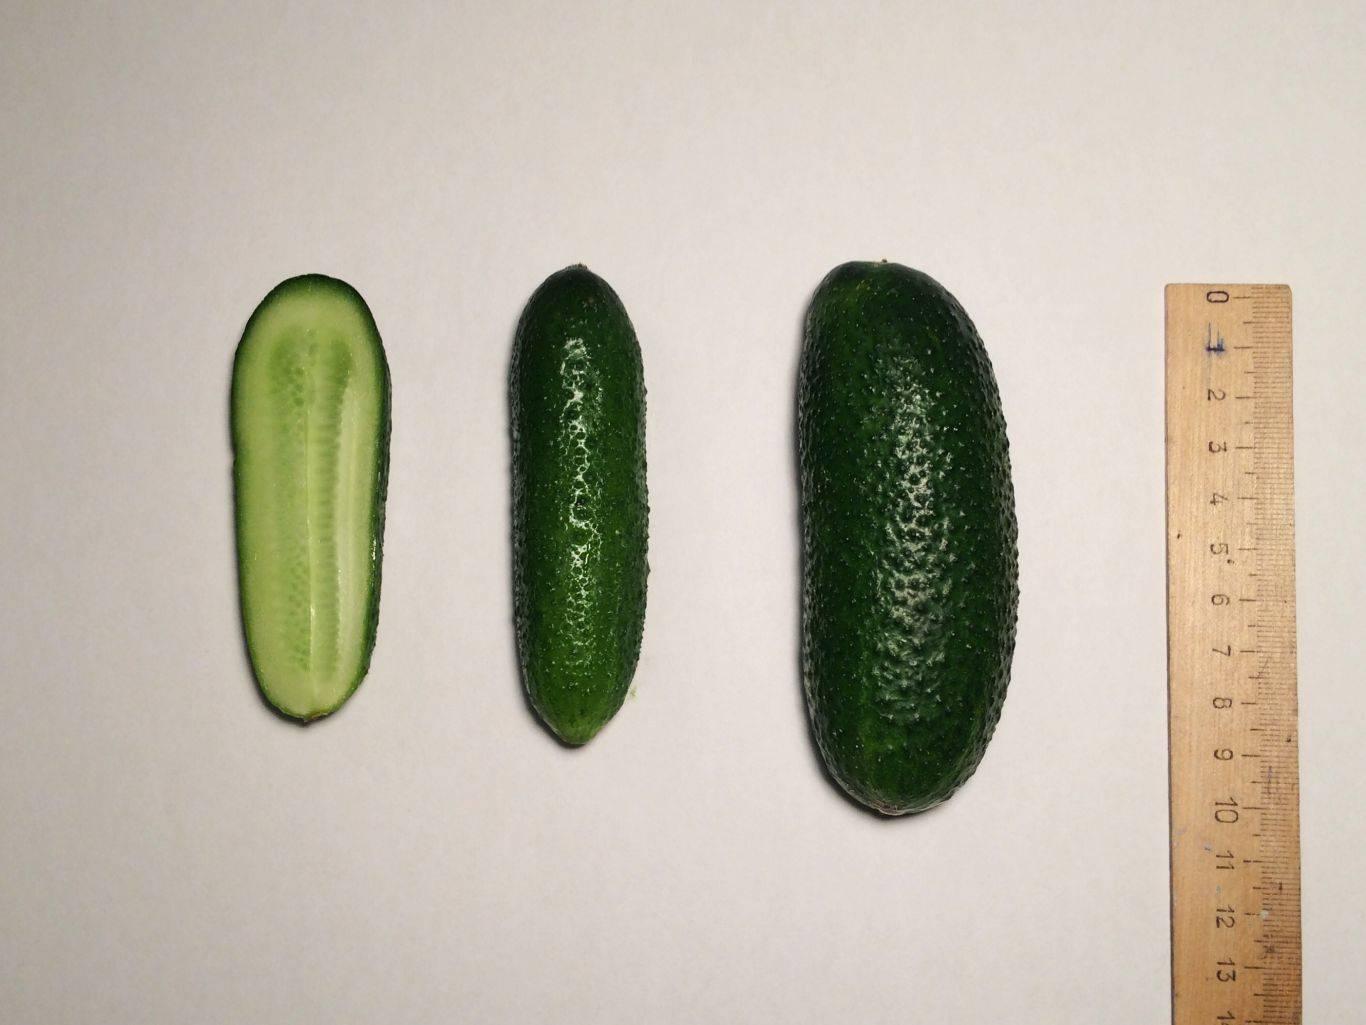 Огурец адам f1: характеристика, достоинства сорта, особенности выращивания, посадка семян на рассаду, уход, отзывы